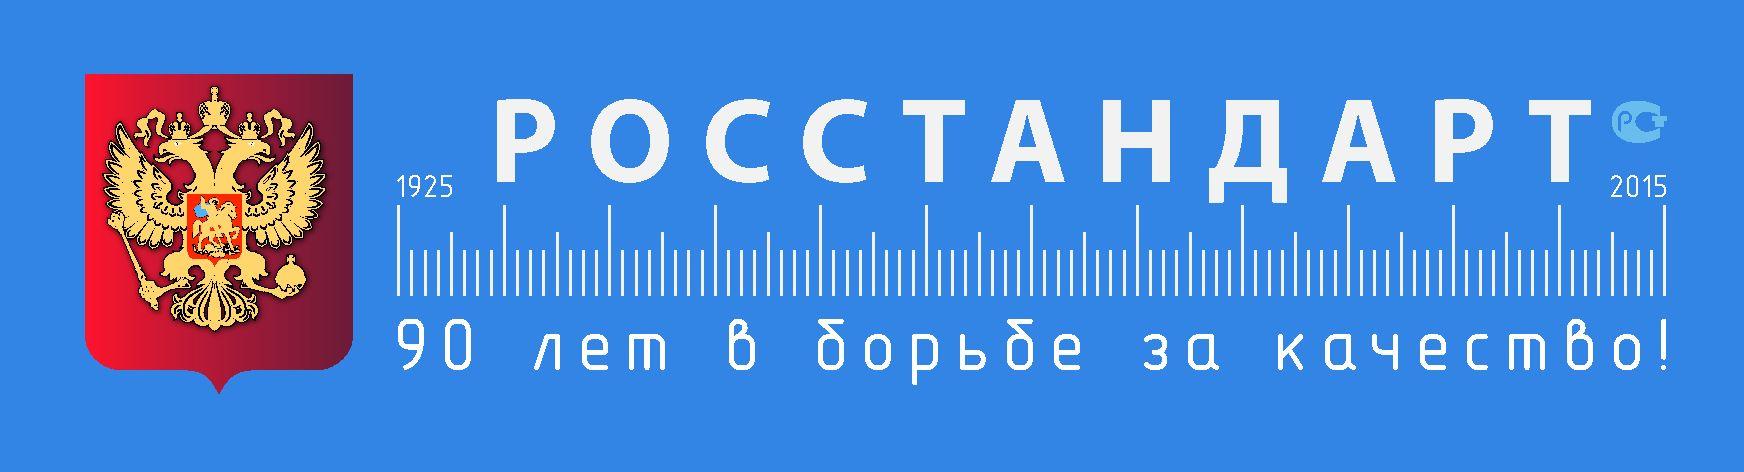 Фбу севастопольский цсм официальный сайт bhop boost для сервера css